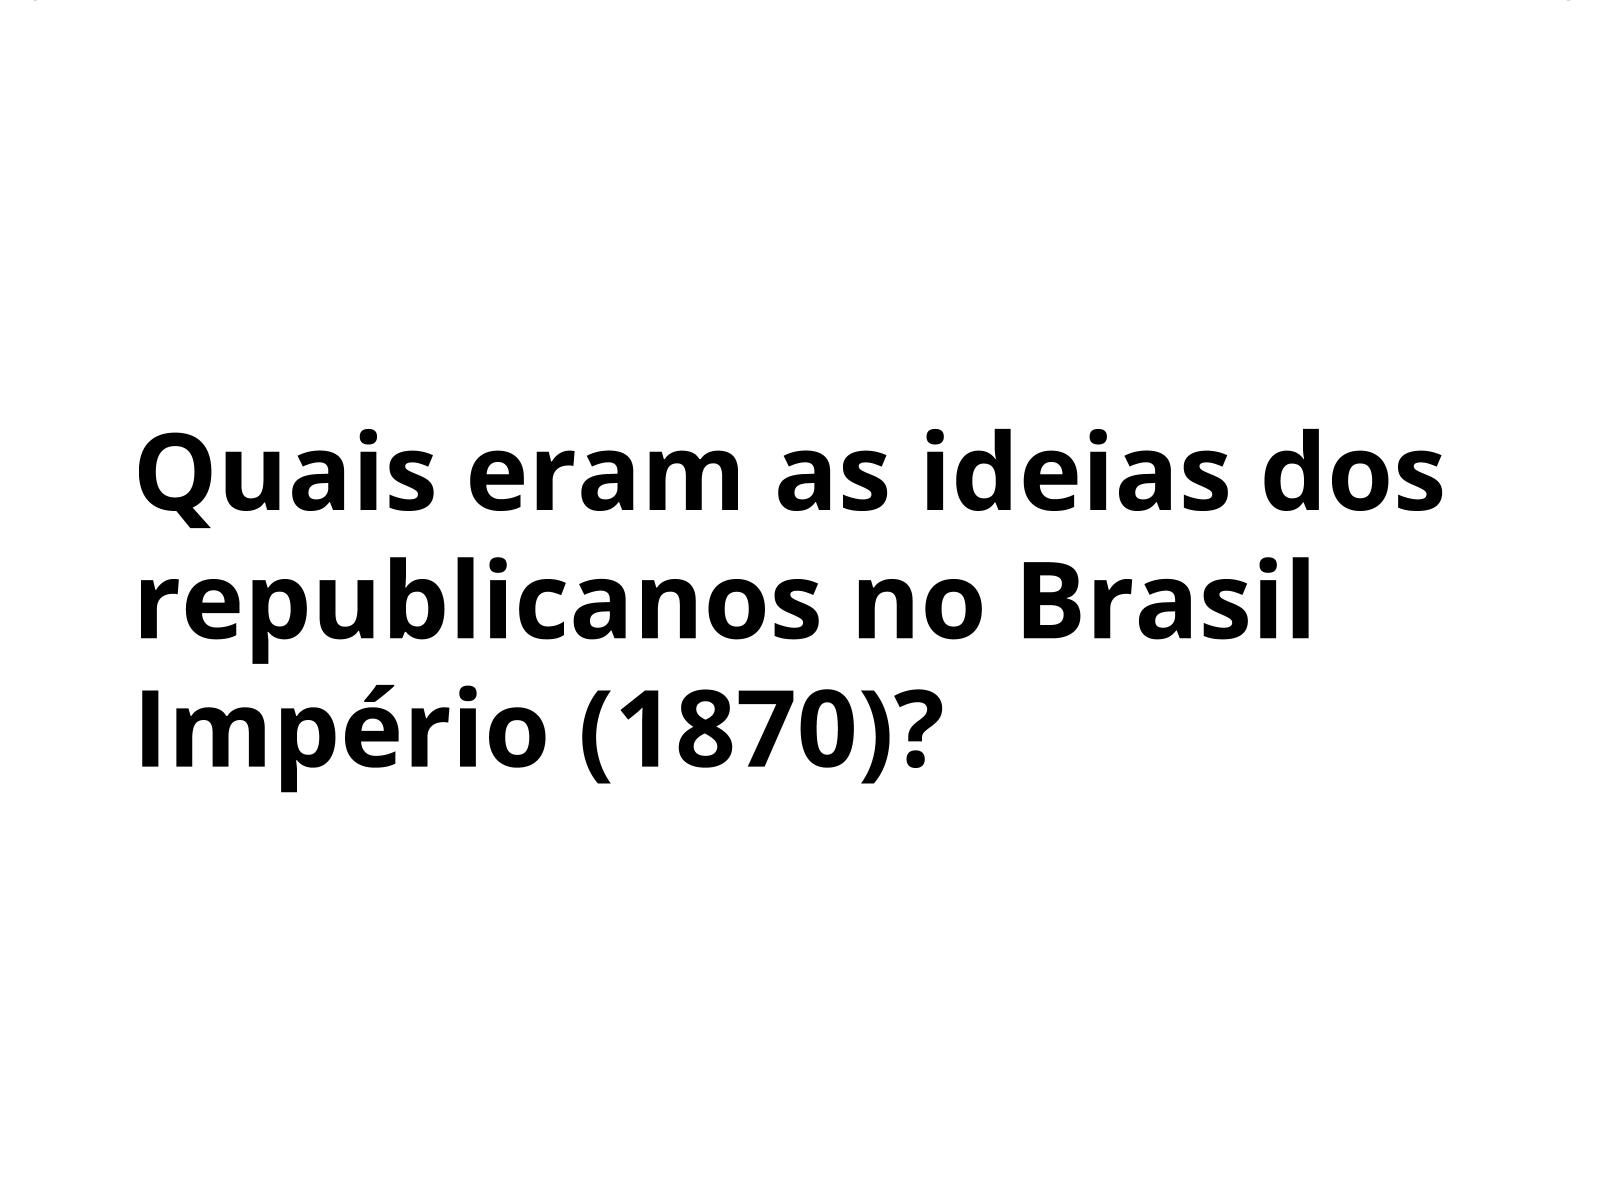 Republicanos no Brasil Império